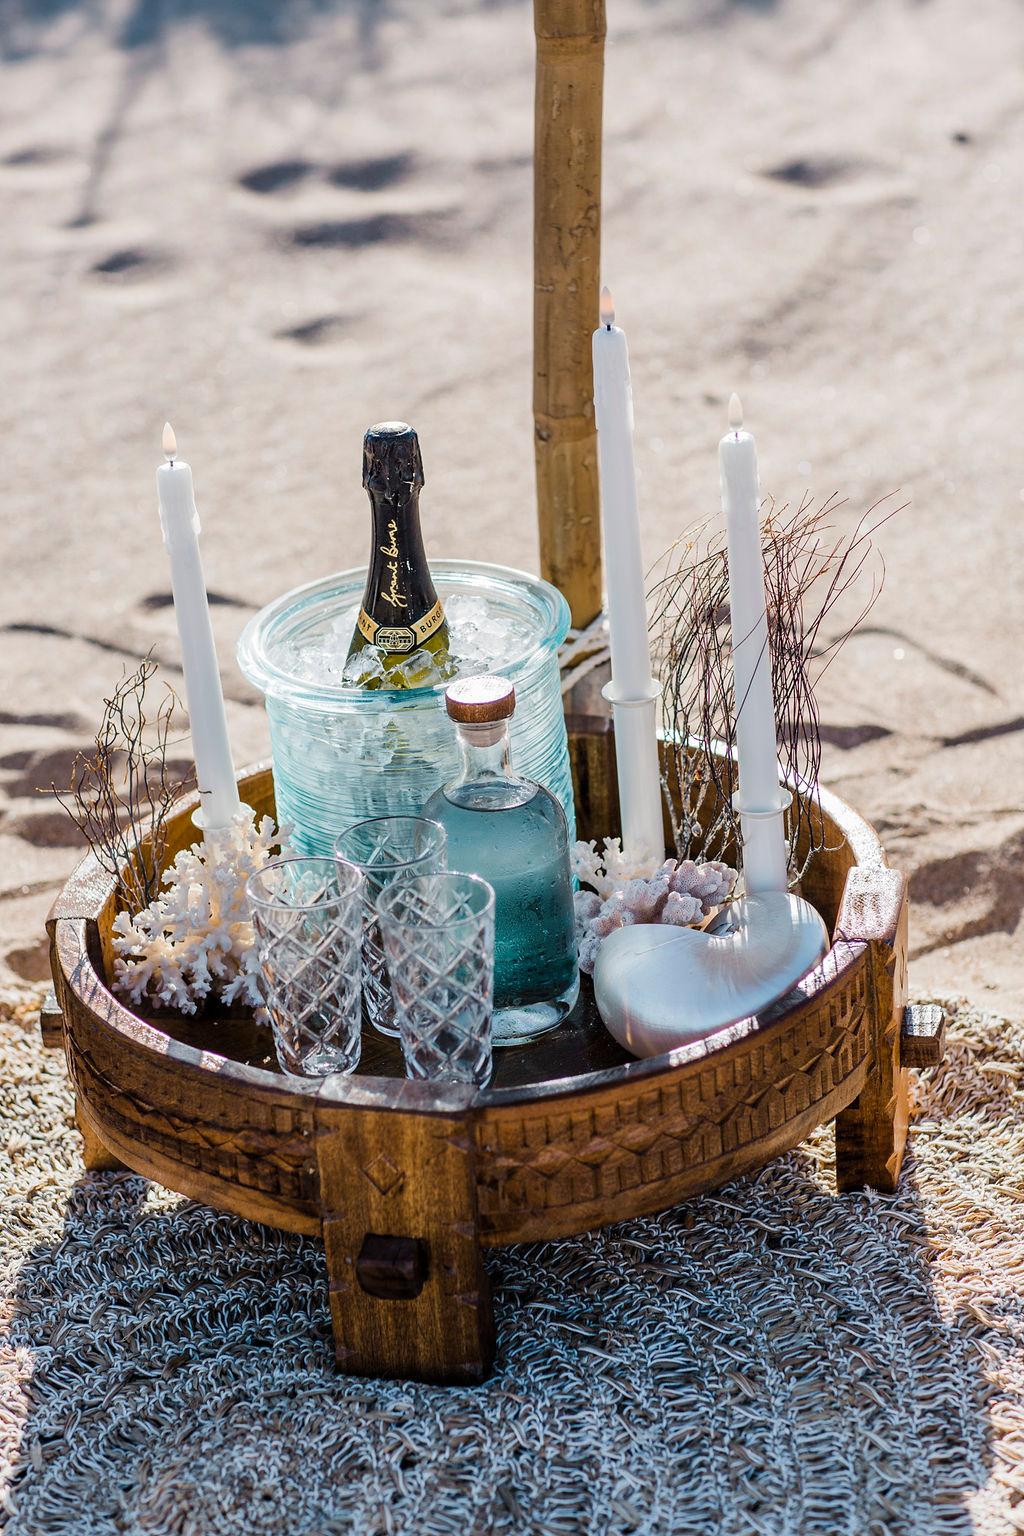 saltandsandeventhire-wedding-stylist-ningaloo-exmouth-waJ&P-Elope-to-ningaloo-exmouth-weddings-28.jpg